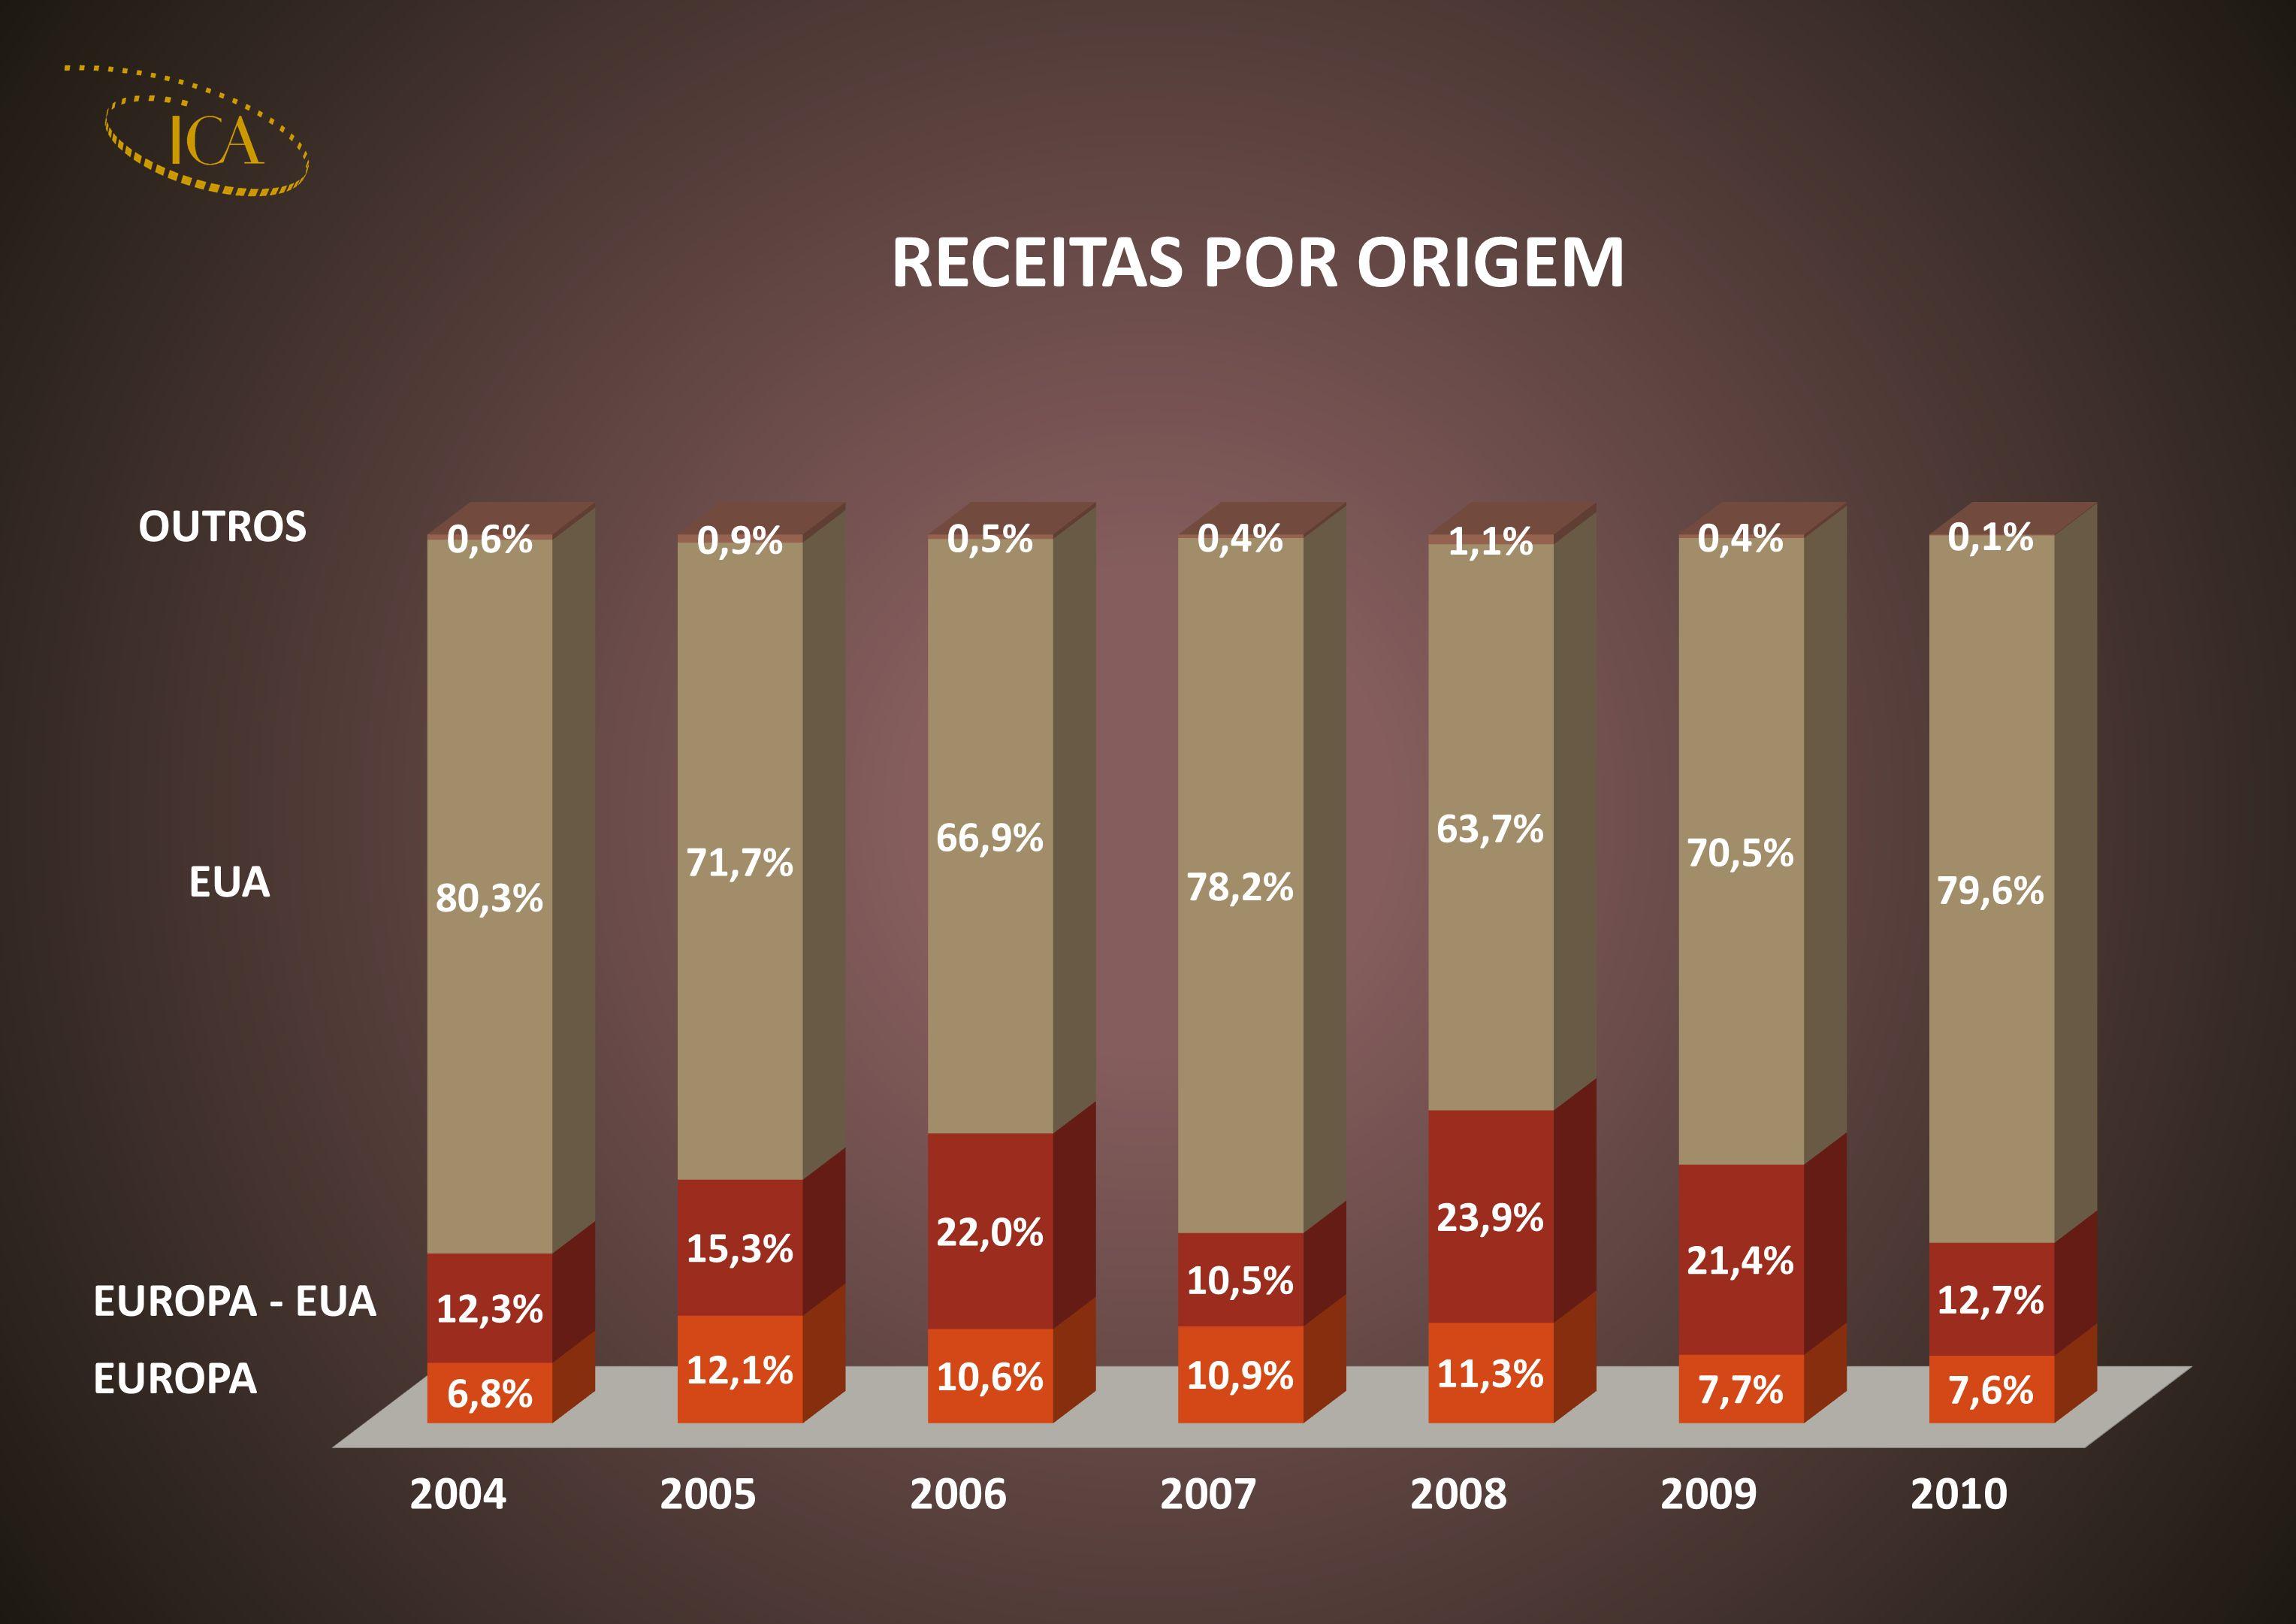 Mercado de televisão de sinal aberto - 1 operador público (RTP) com 2 canais nacionais - 2 operadores privados (SIC e TVI) O sector da televisão seguiu tendências internacionais: - Monoprogramação de conteúdos de grande audiência e de custos reduzidos (telenovelas).